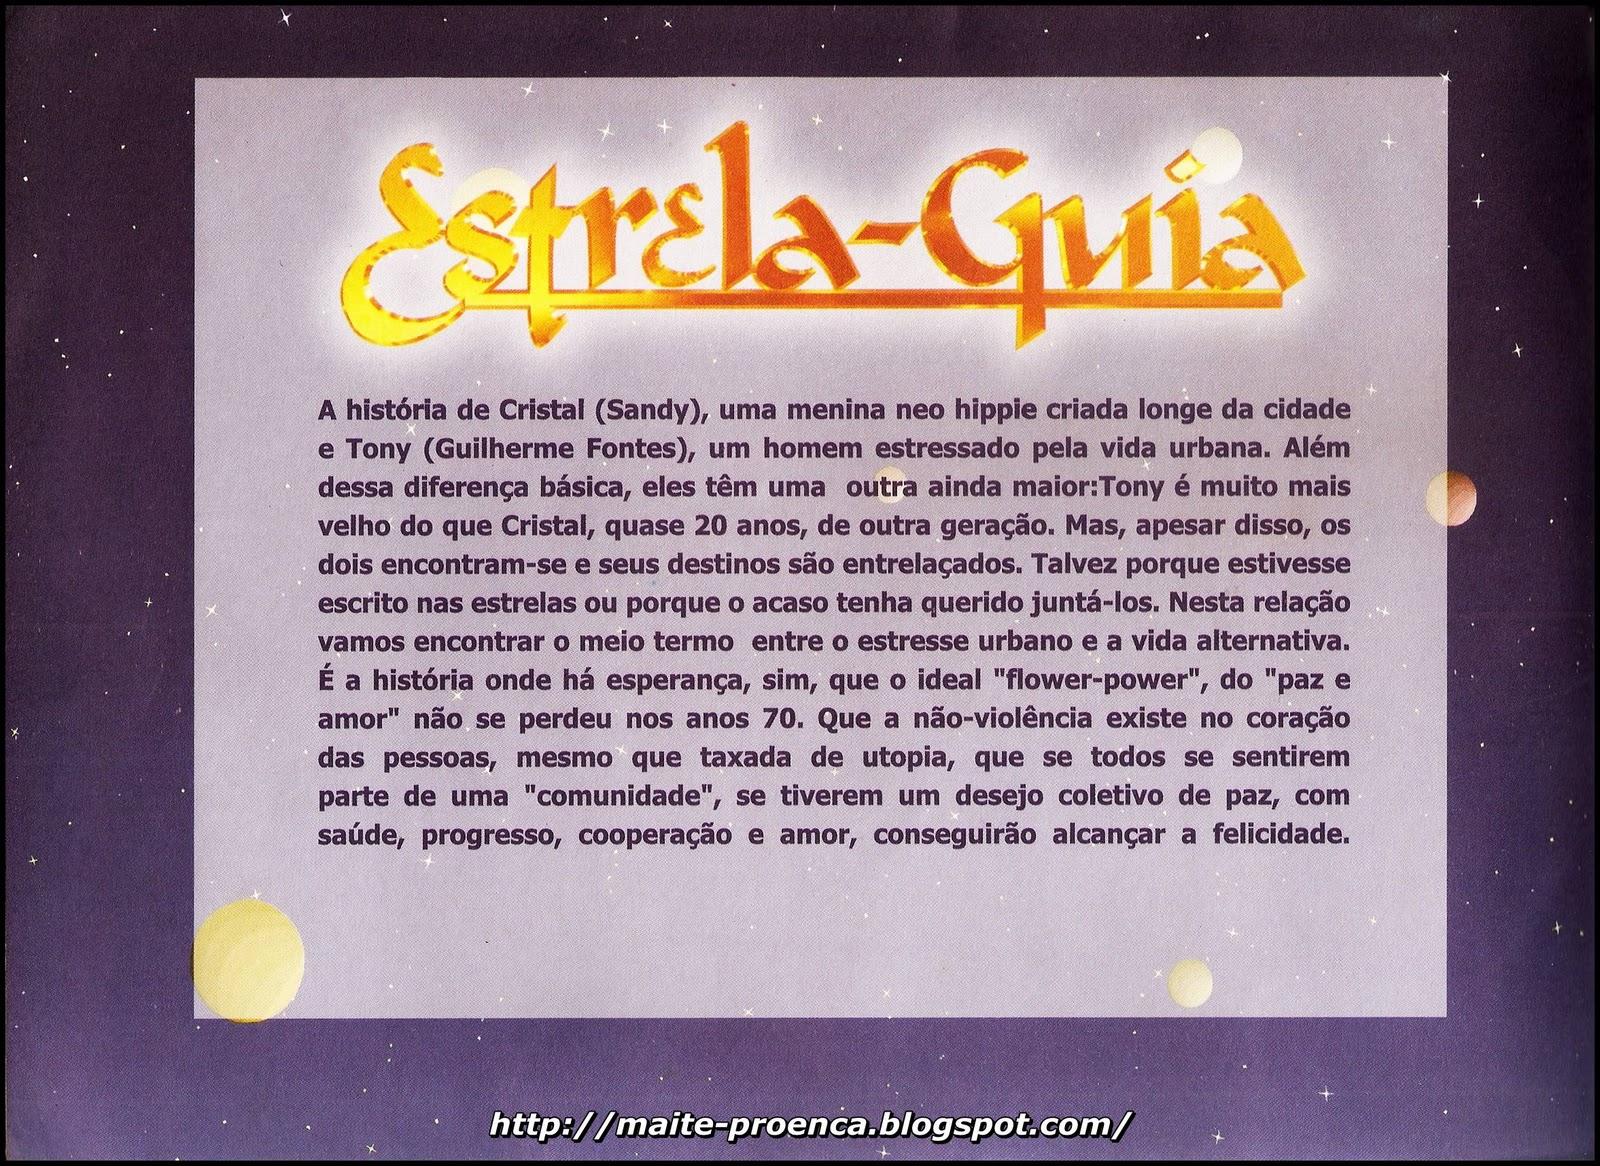 691+2001+Estrela+Guia+Album+(1).jpg